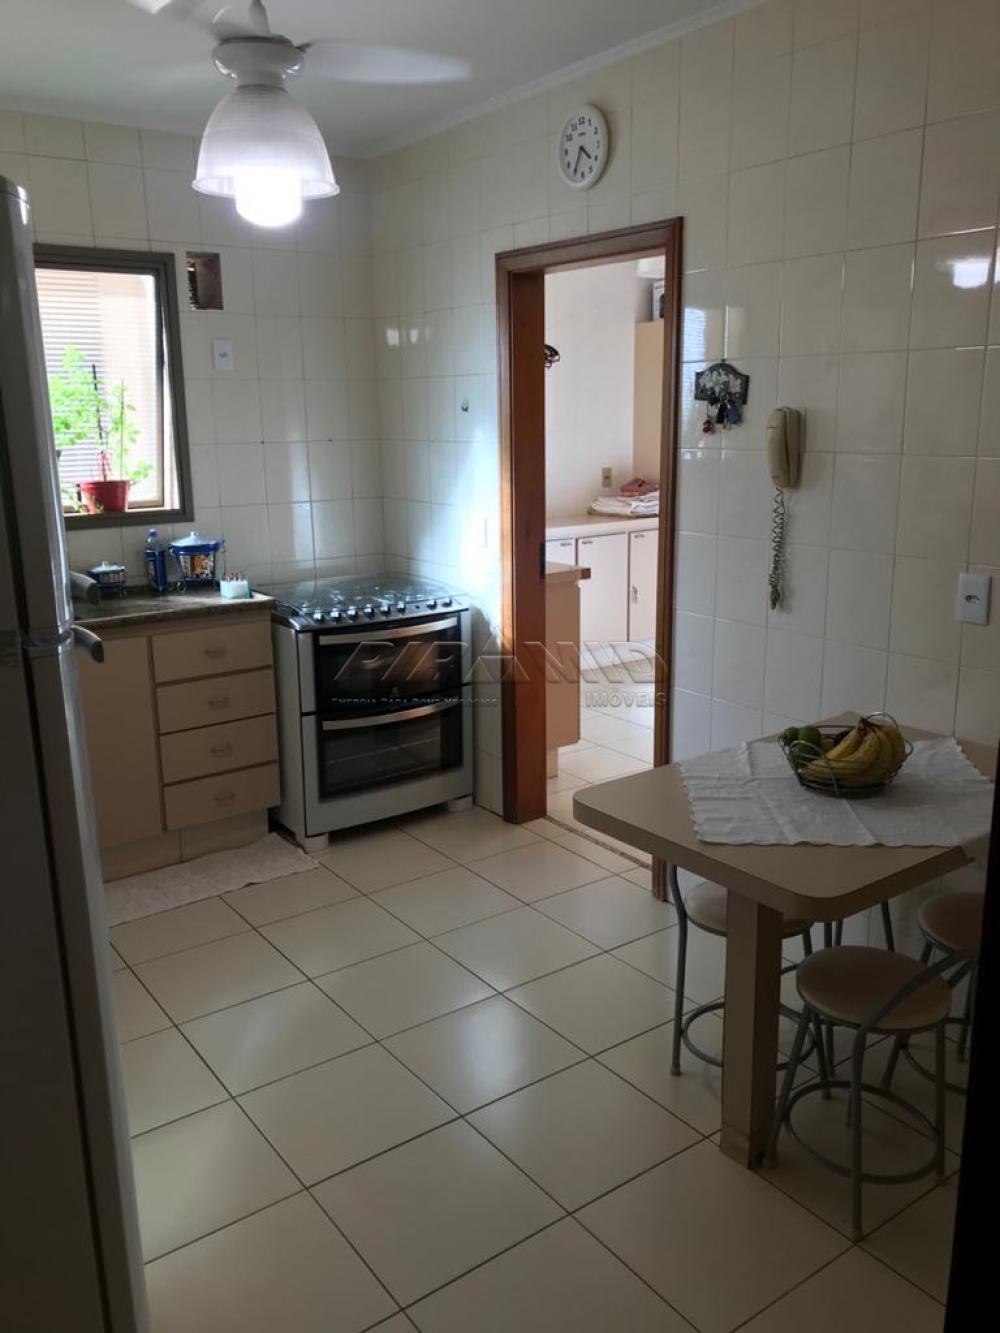 Comprar Apartamento / Padrão em Ribeirão Preto apenas R$ 550.000,00 - Foto 24